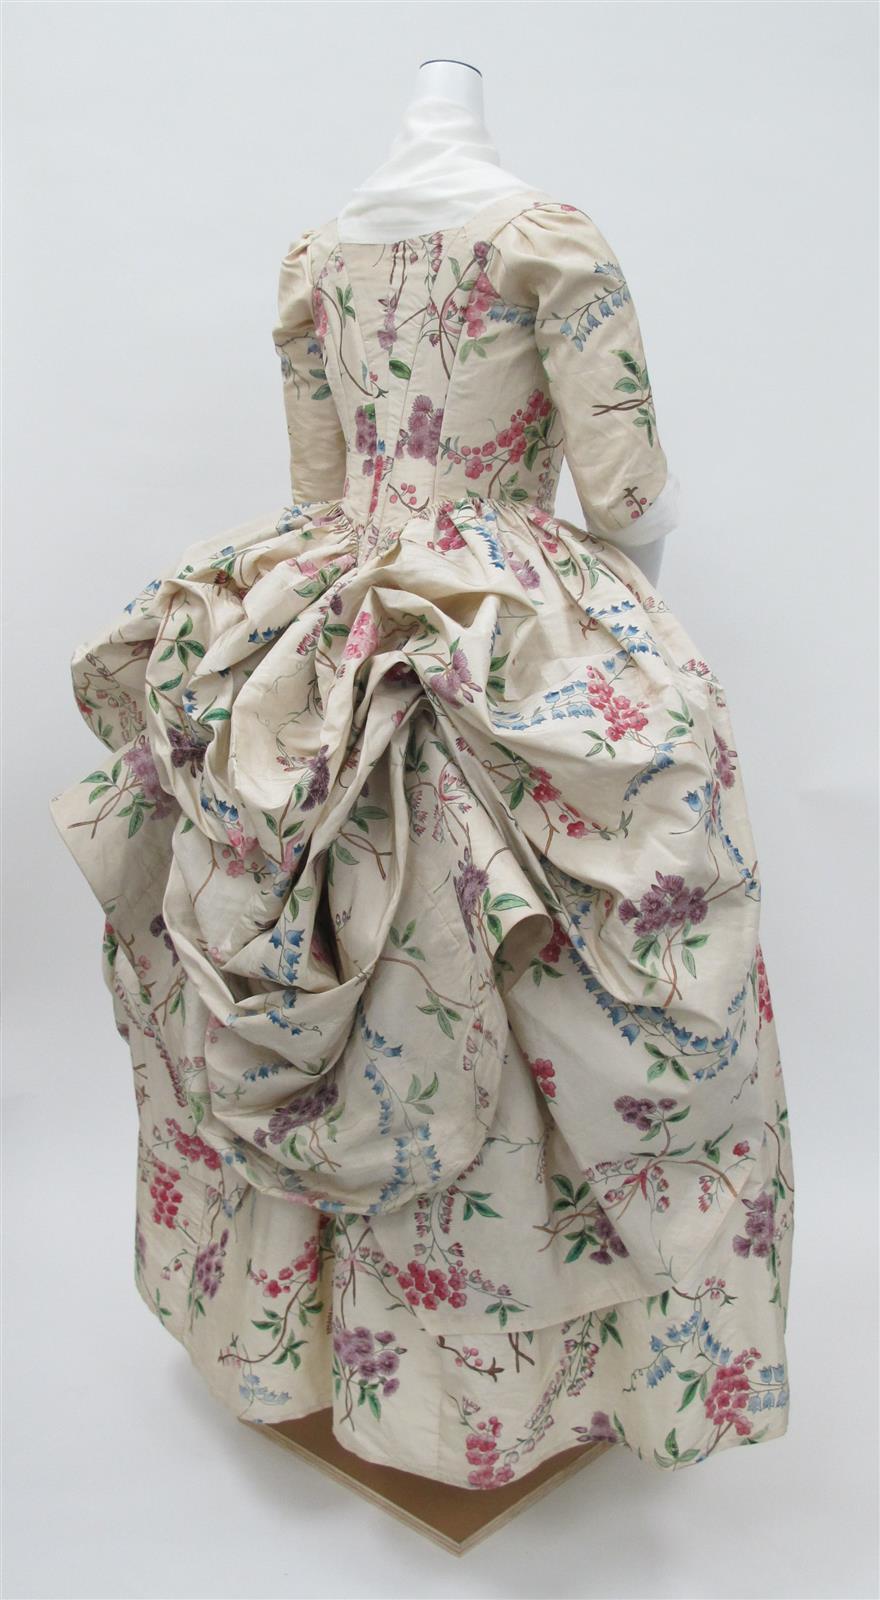 1780 Robe à la Polonaise. French. Silk. metmuseum